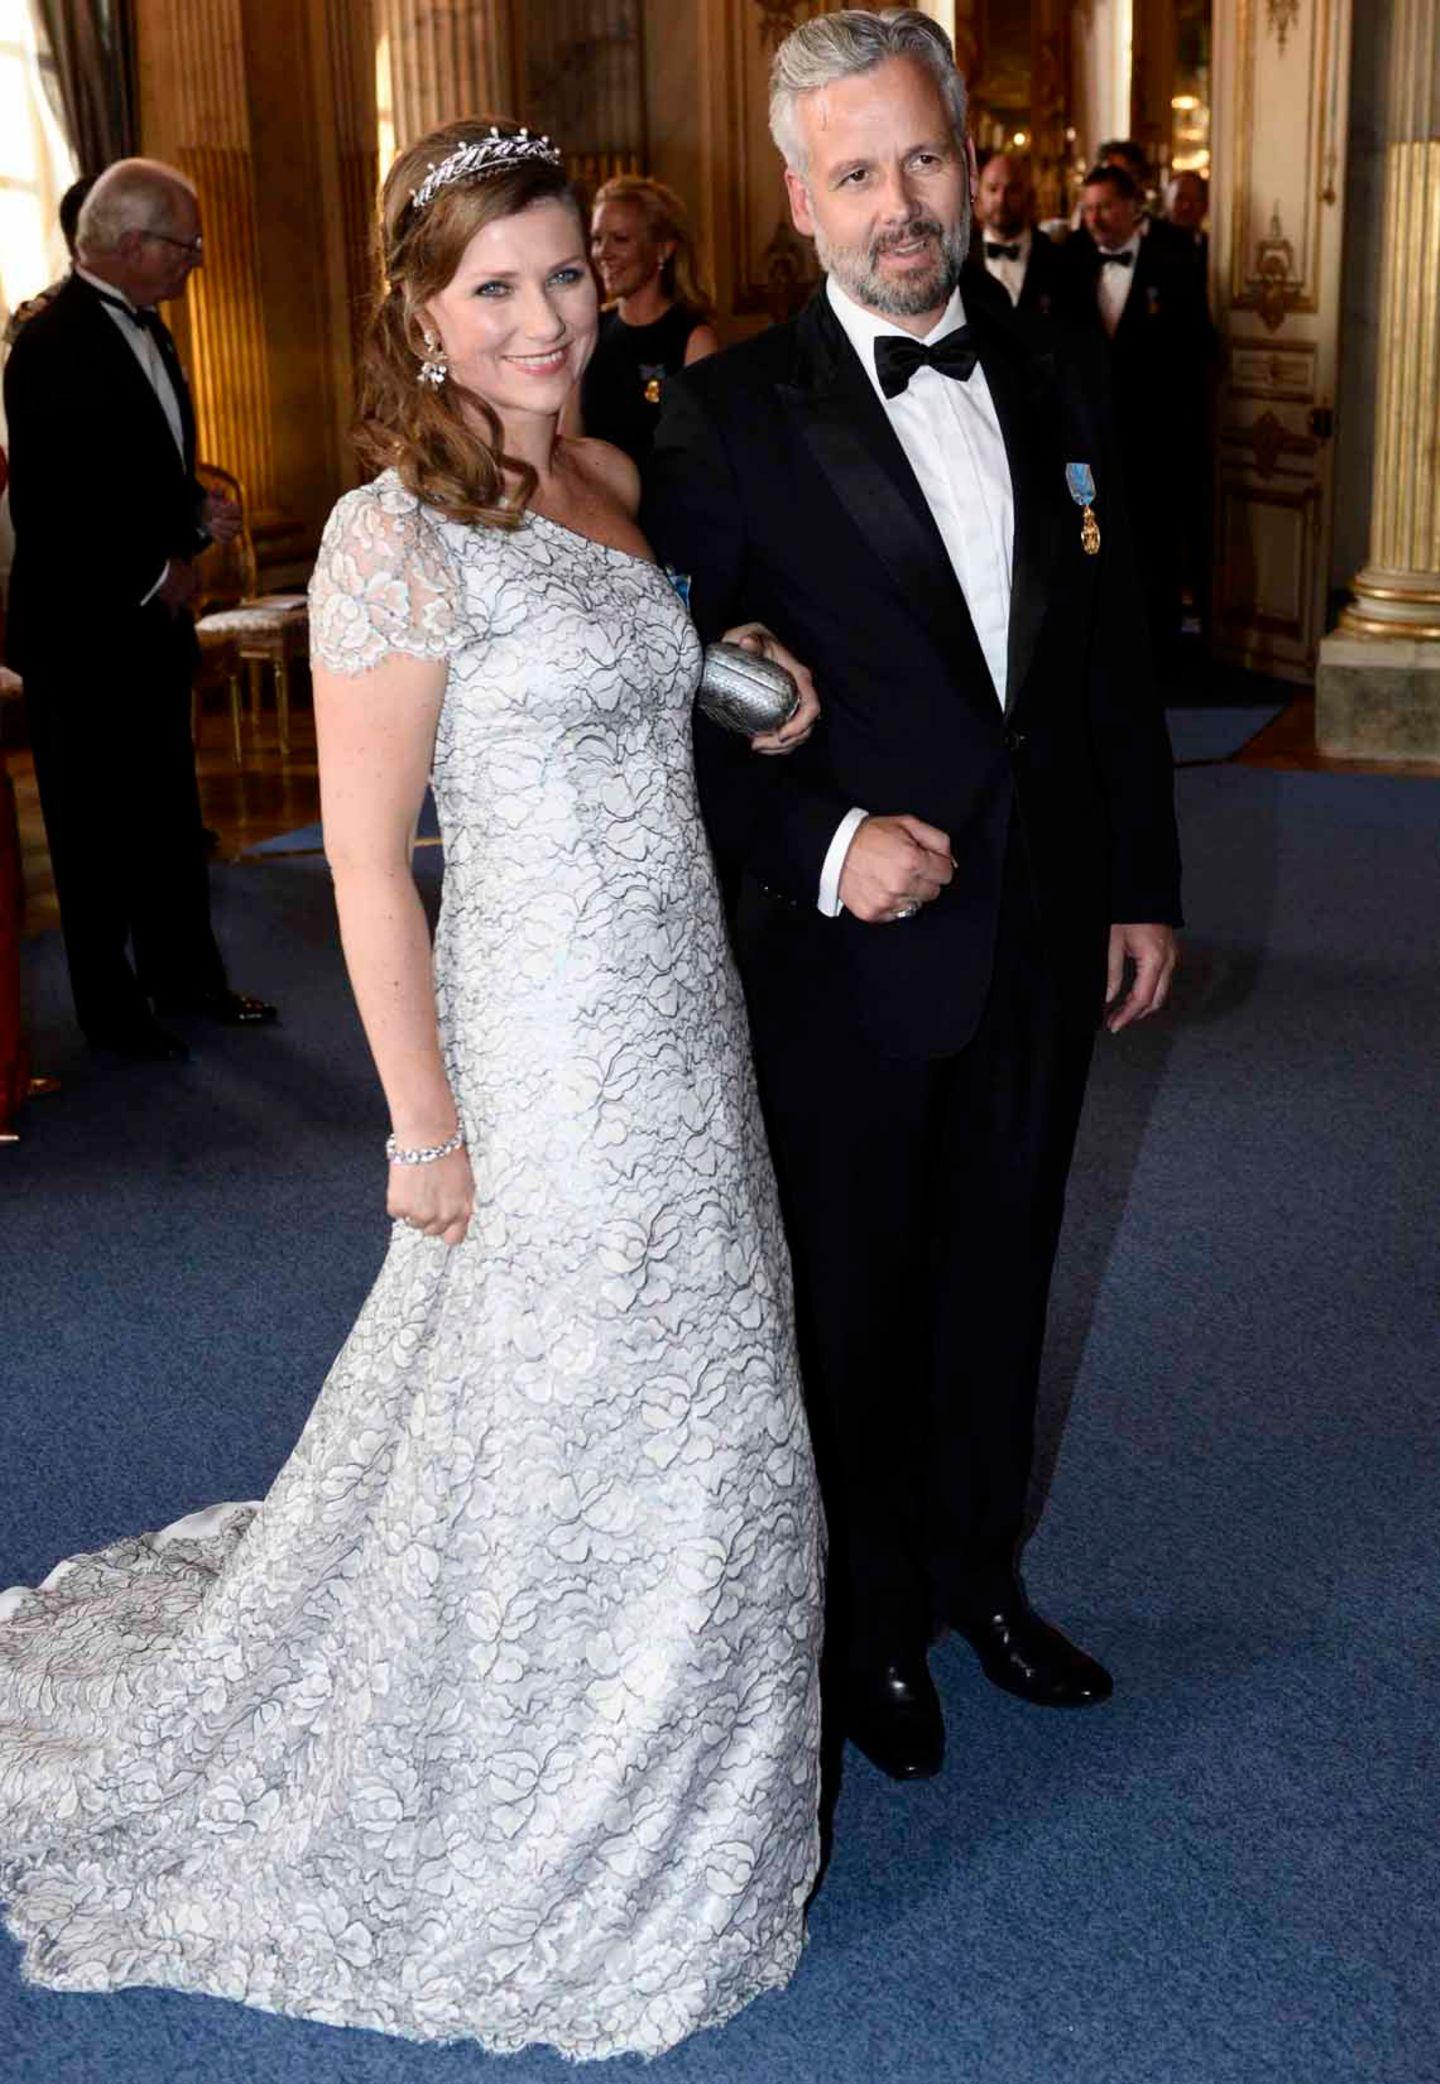 Kleiderwechsel für das abendliche Geburtstags-Bankett: Prinzessin Märtha Louise von Norwegen glänzt in einem wunderschönen One-Shoulder-Abendkleid.